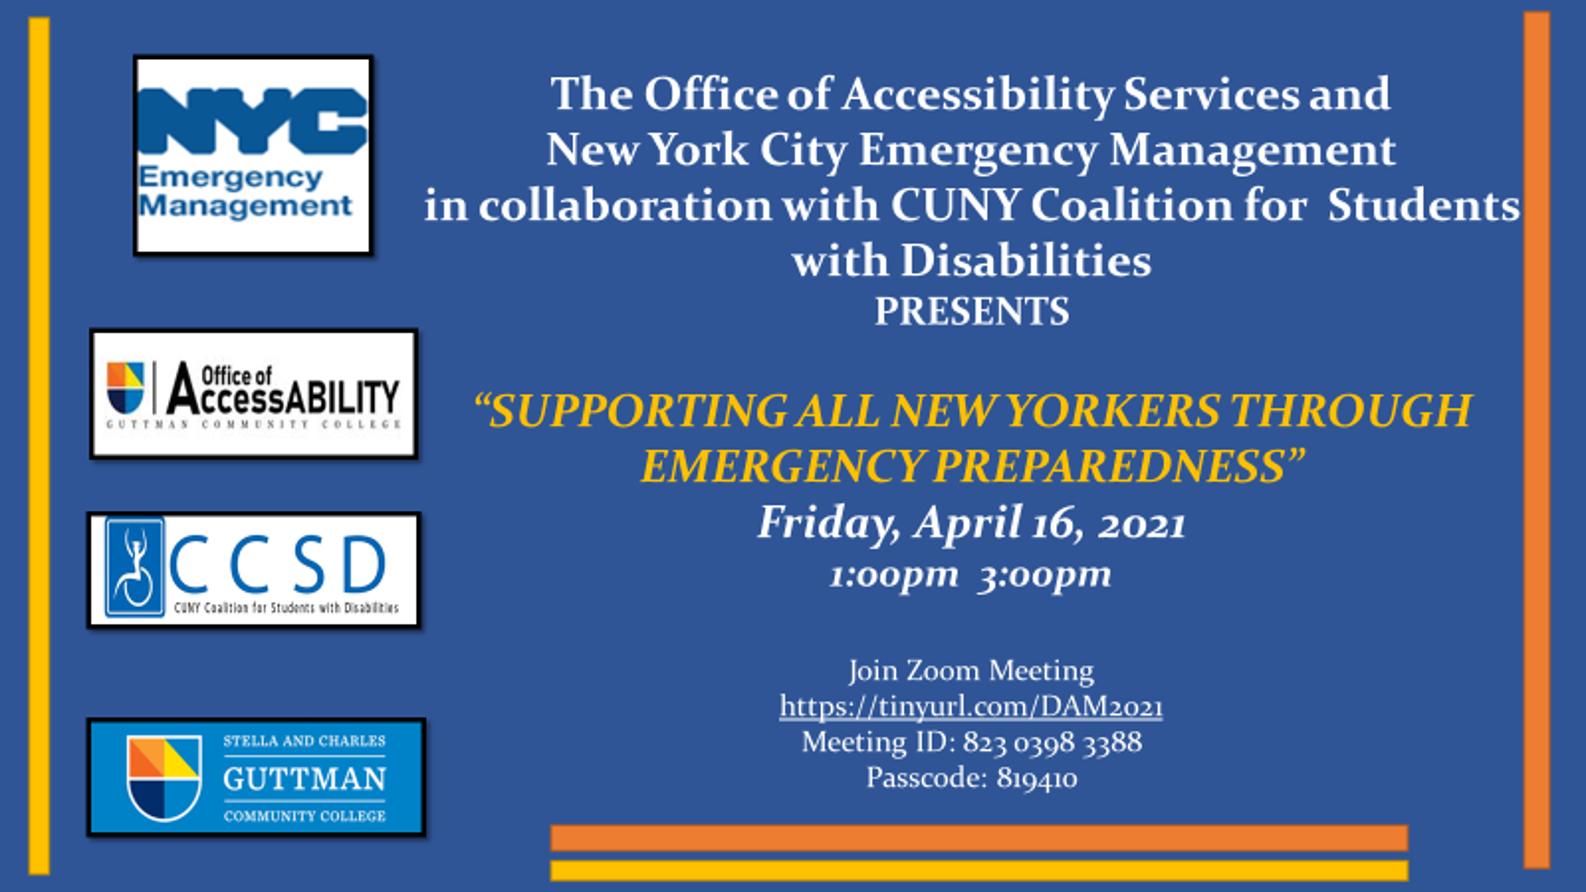 Accessability Emergency Prep Flyer_4.16.21